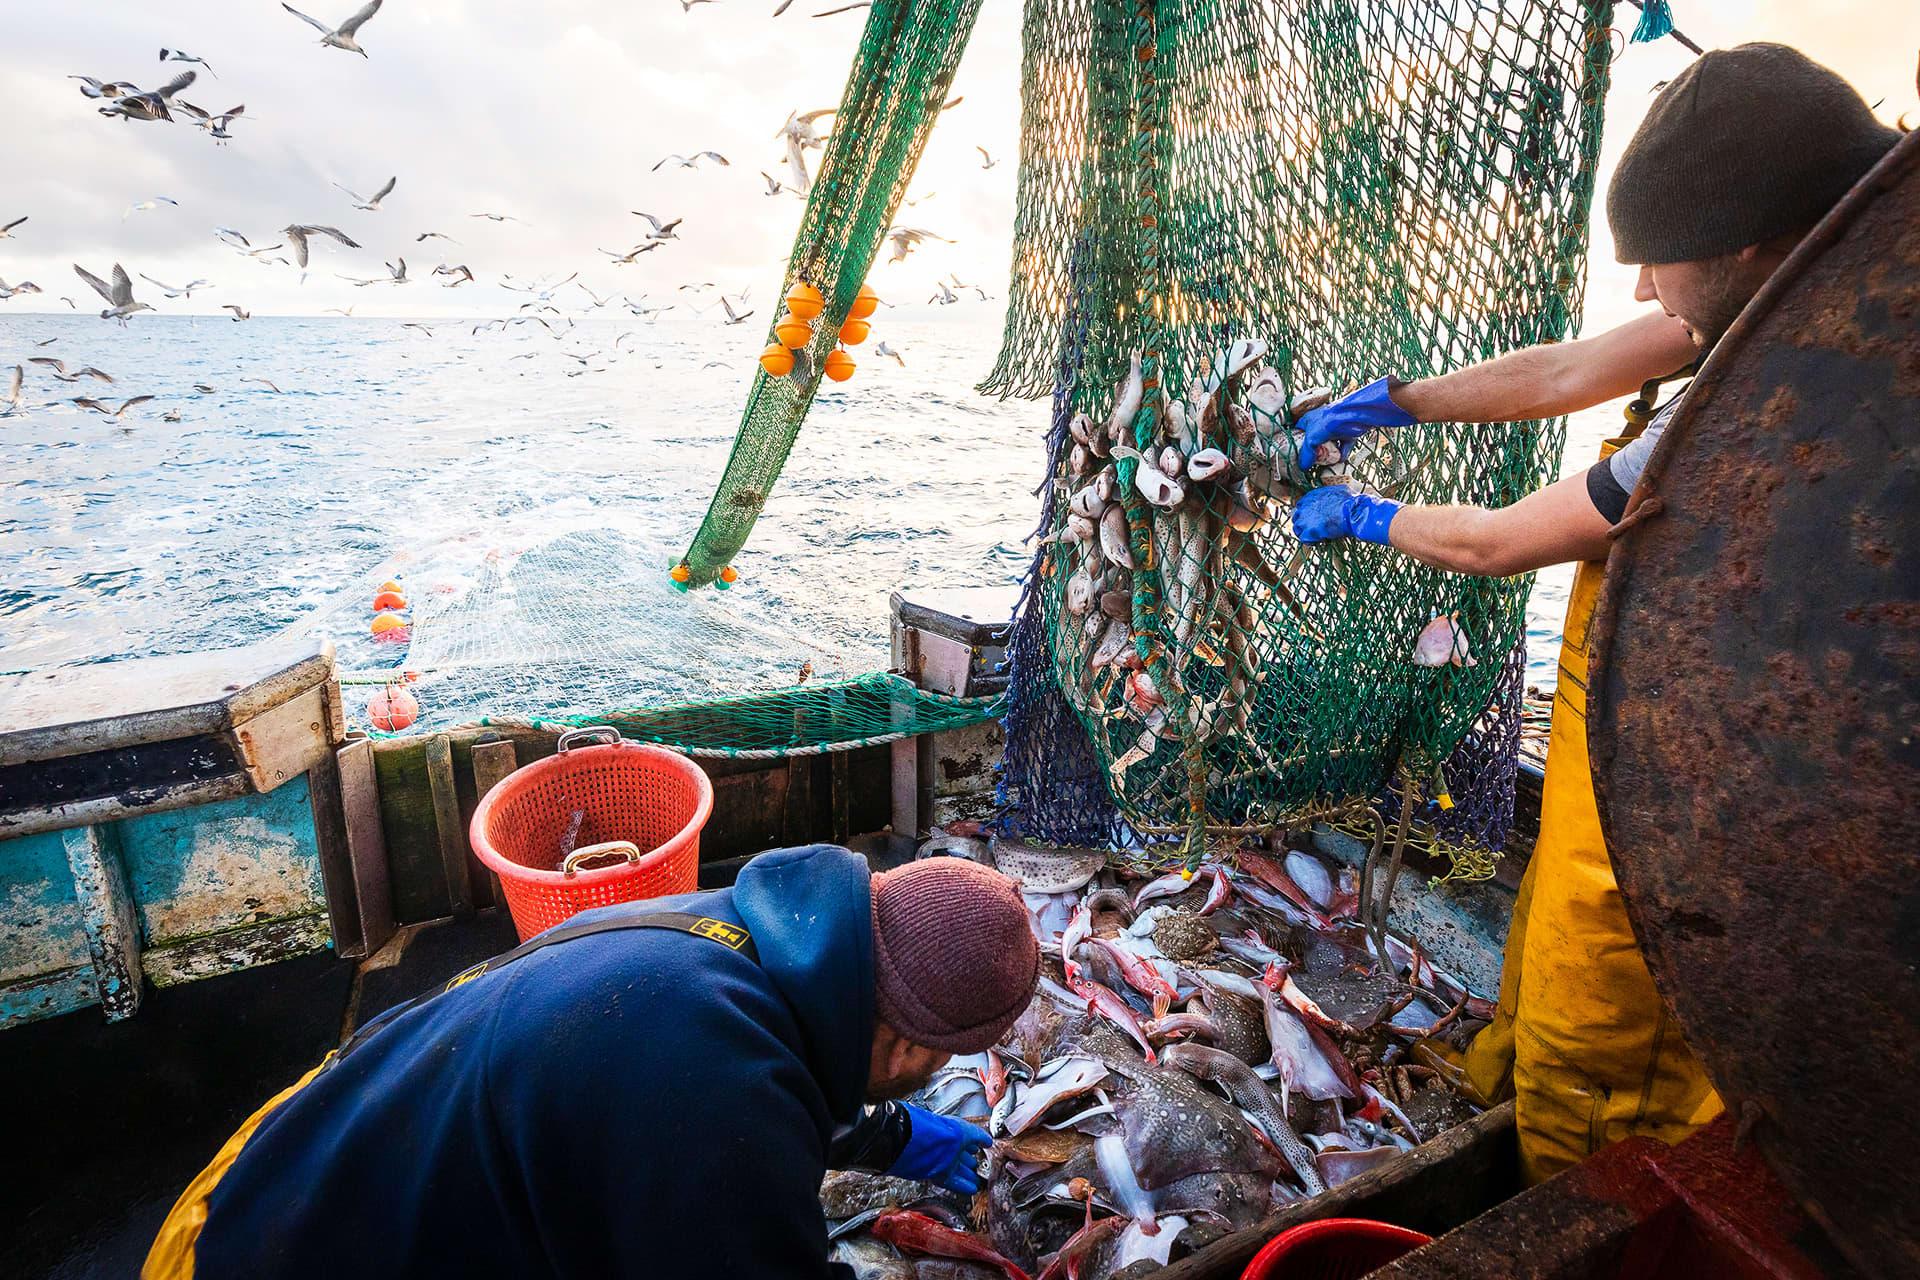 Brittitroolarin miehistö irrottaa kaloja verkosta aluksen kannella.